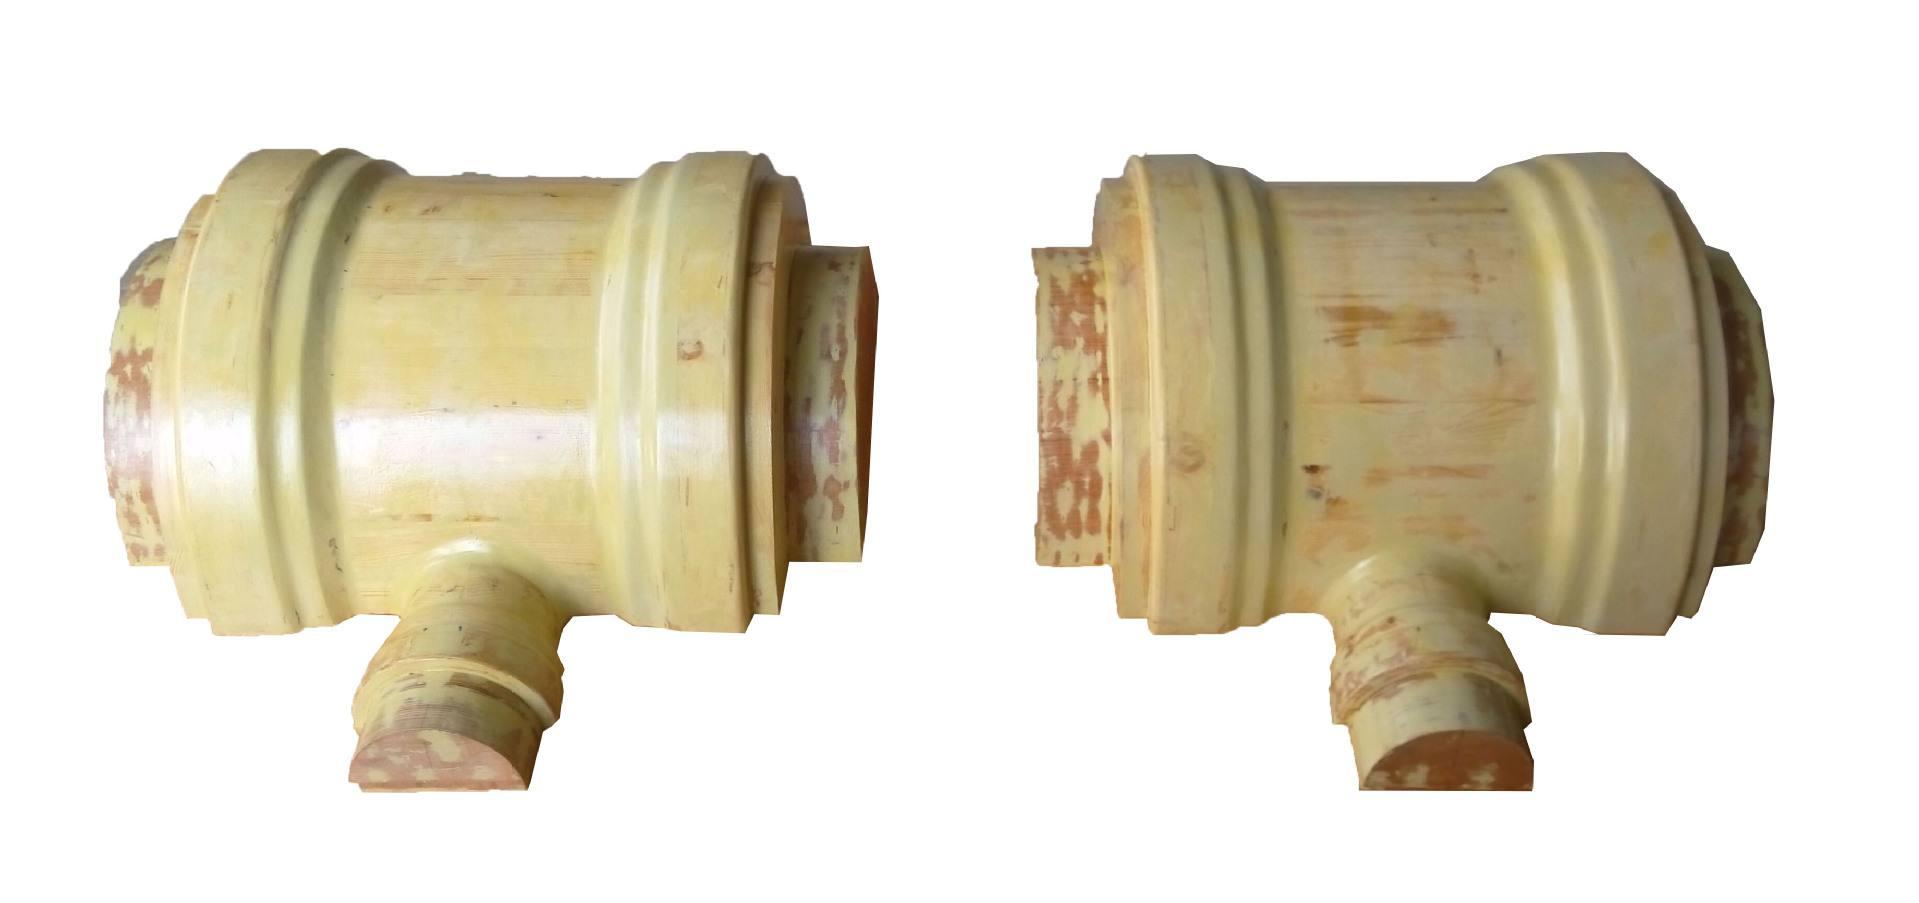 忠縣2040木模雕刻機價格知名的重型木模雕刻機生產品牌